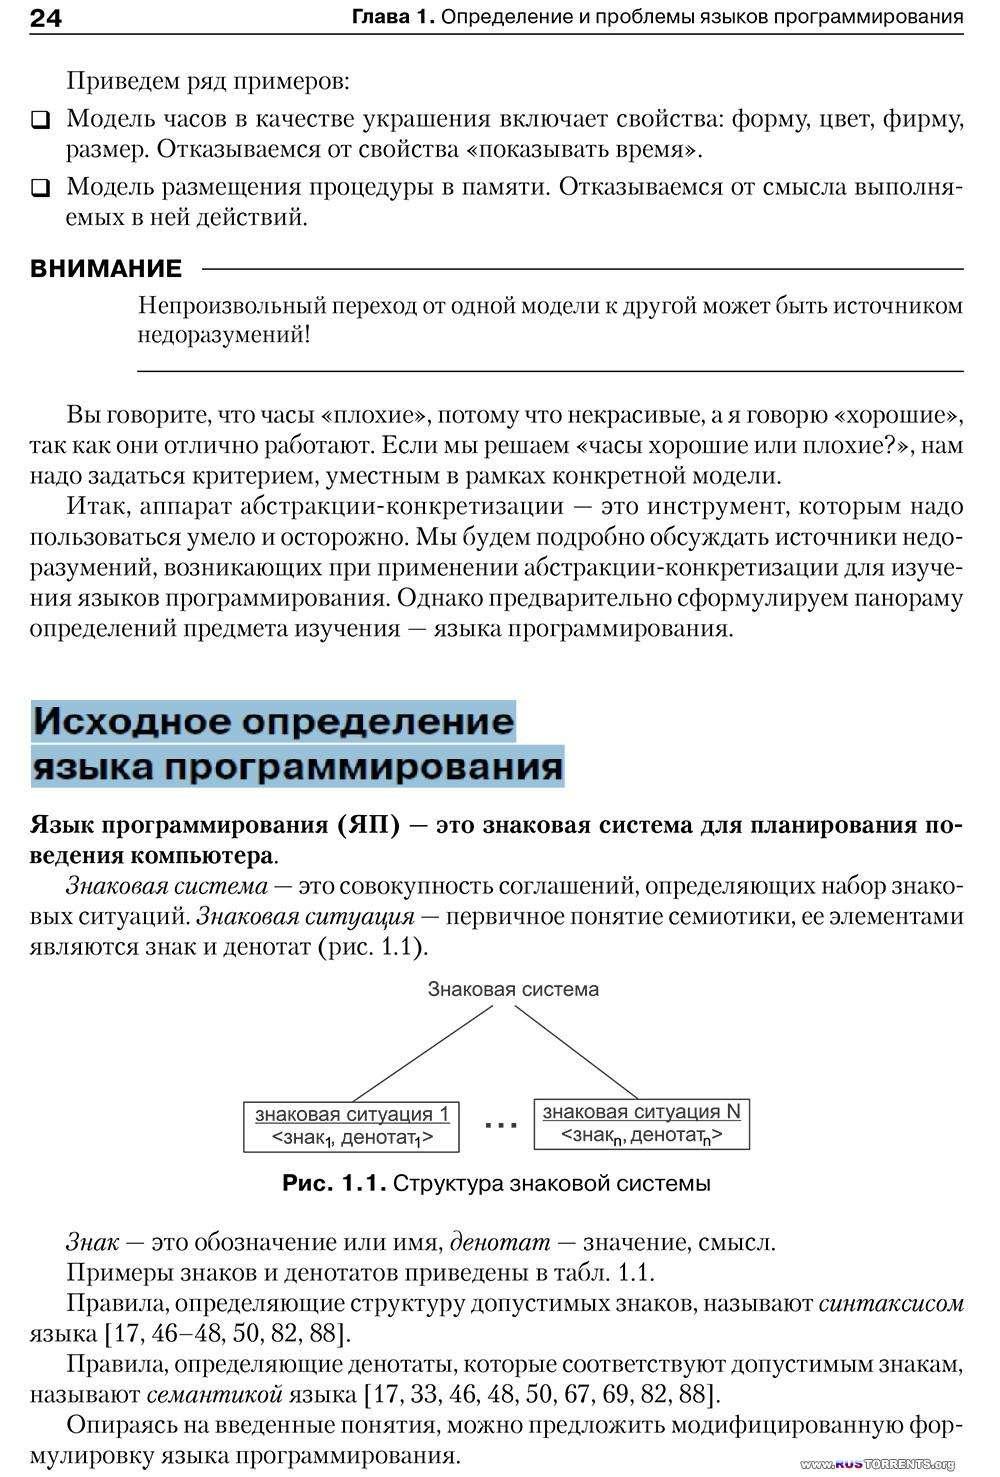 Сергей Орлов | Теория и практика языков программирования | PDF